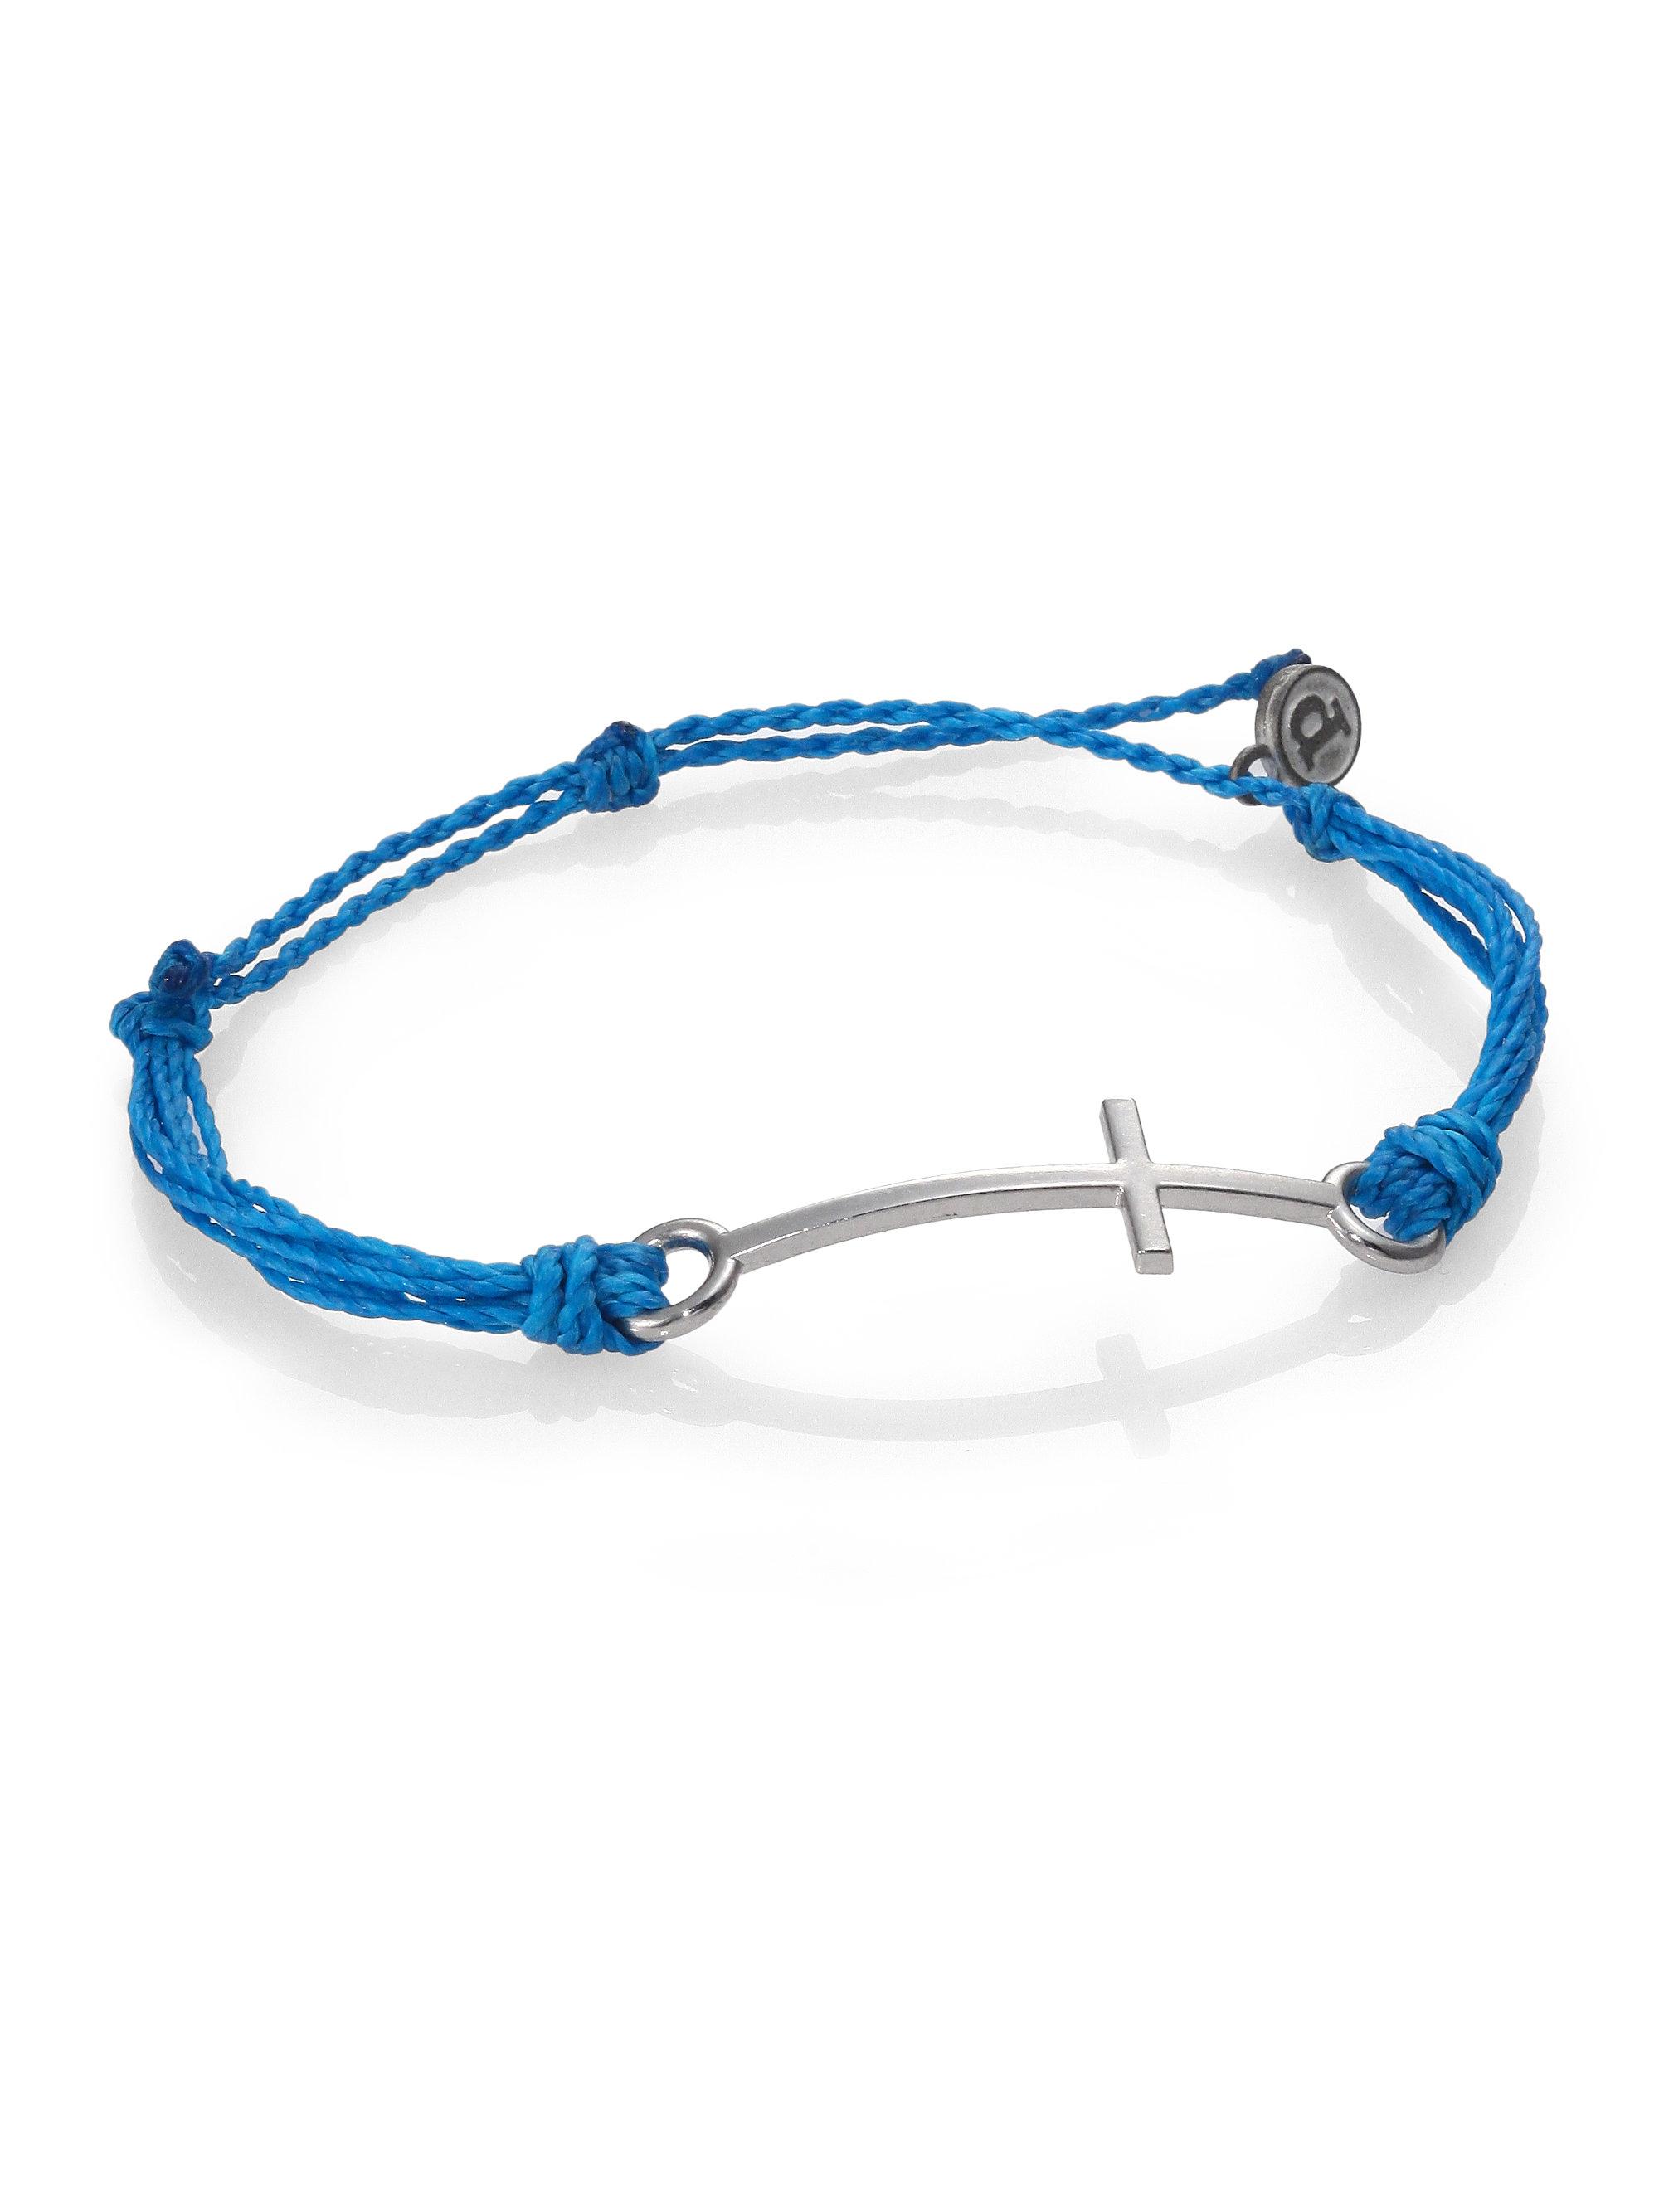 Pura vida Cross Bracelet in Blue